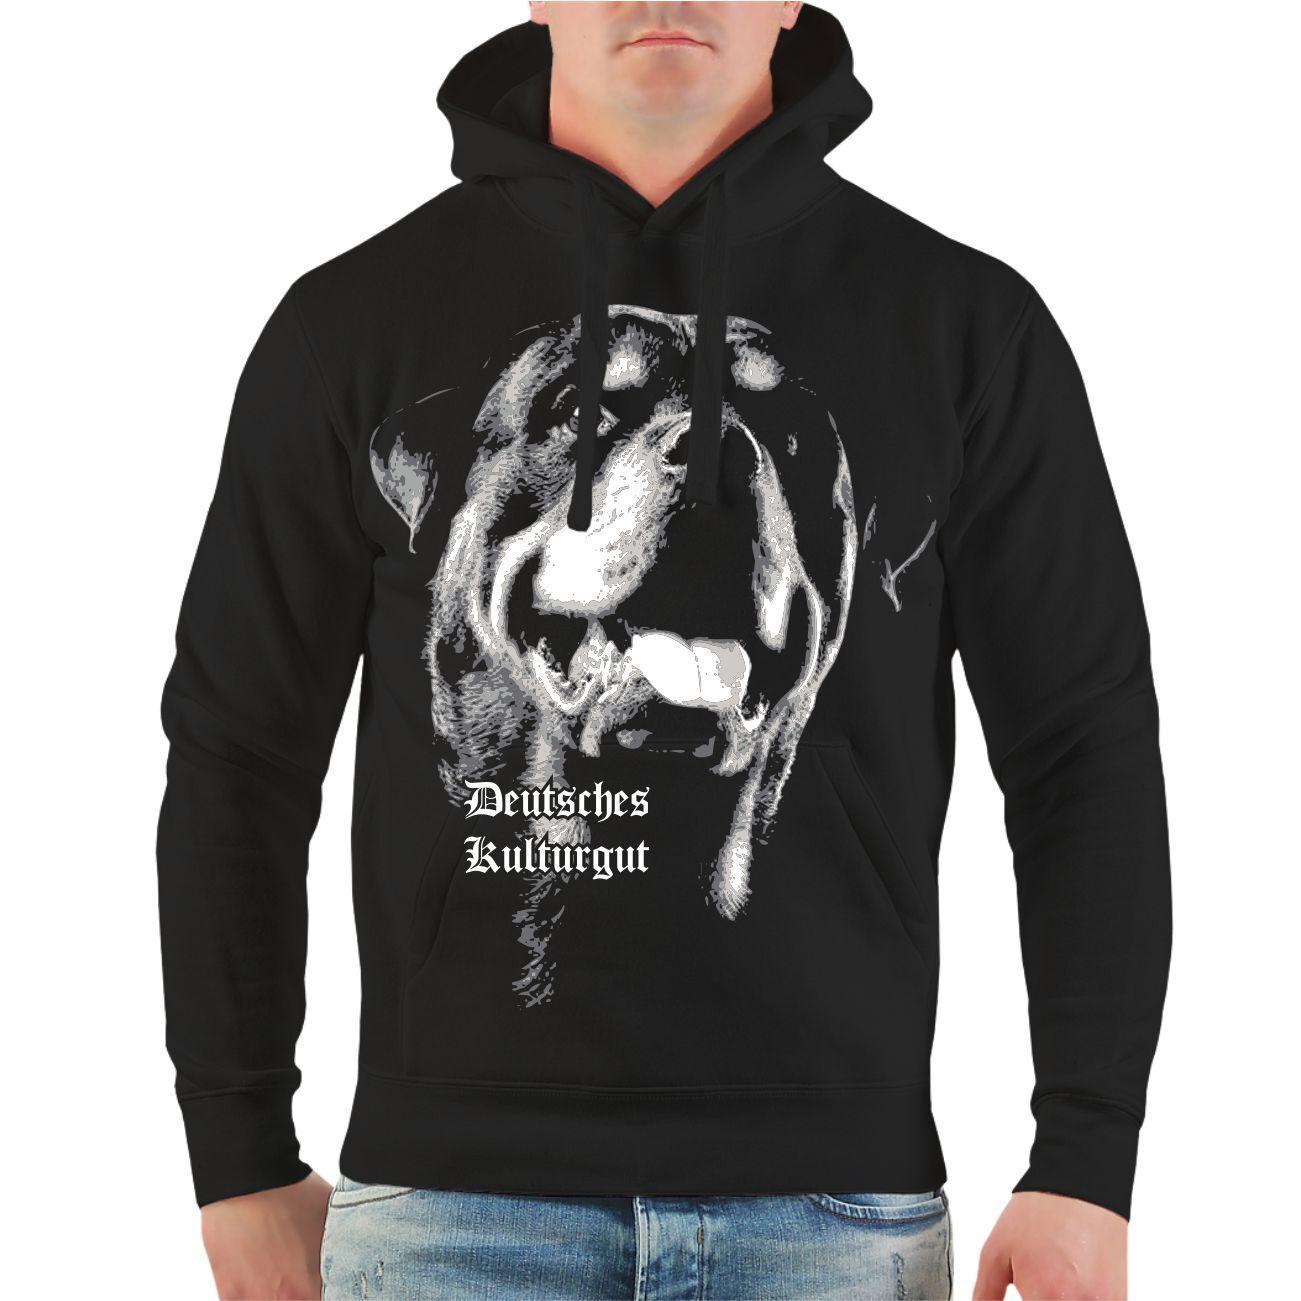 Kapuzenpullover Rottweiler Deutsches Kulturgut Rasse Zucht Spruch Hunde Hoodie Hoodie Hoodie  | Deutschland  | Moderne und stilvolle Mode  | Haltbarer Service  1ad9bd